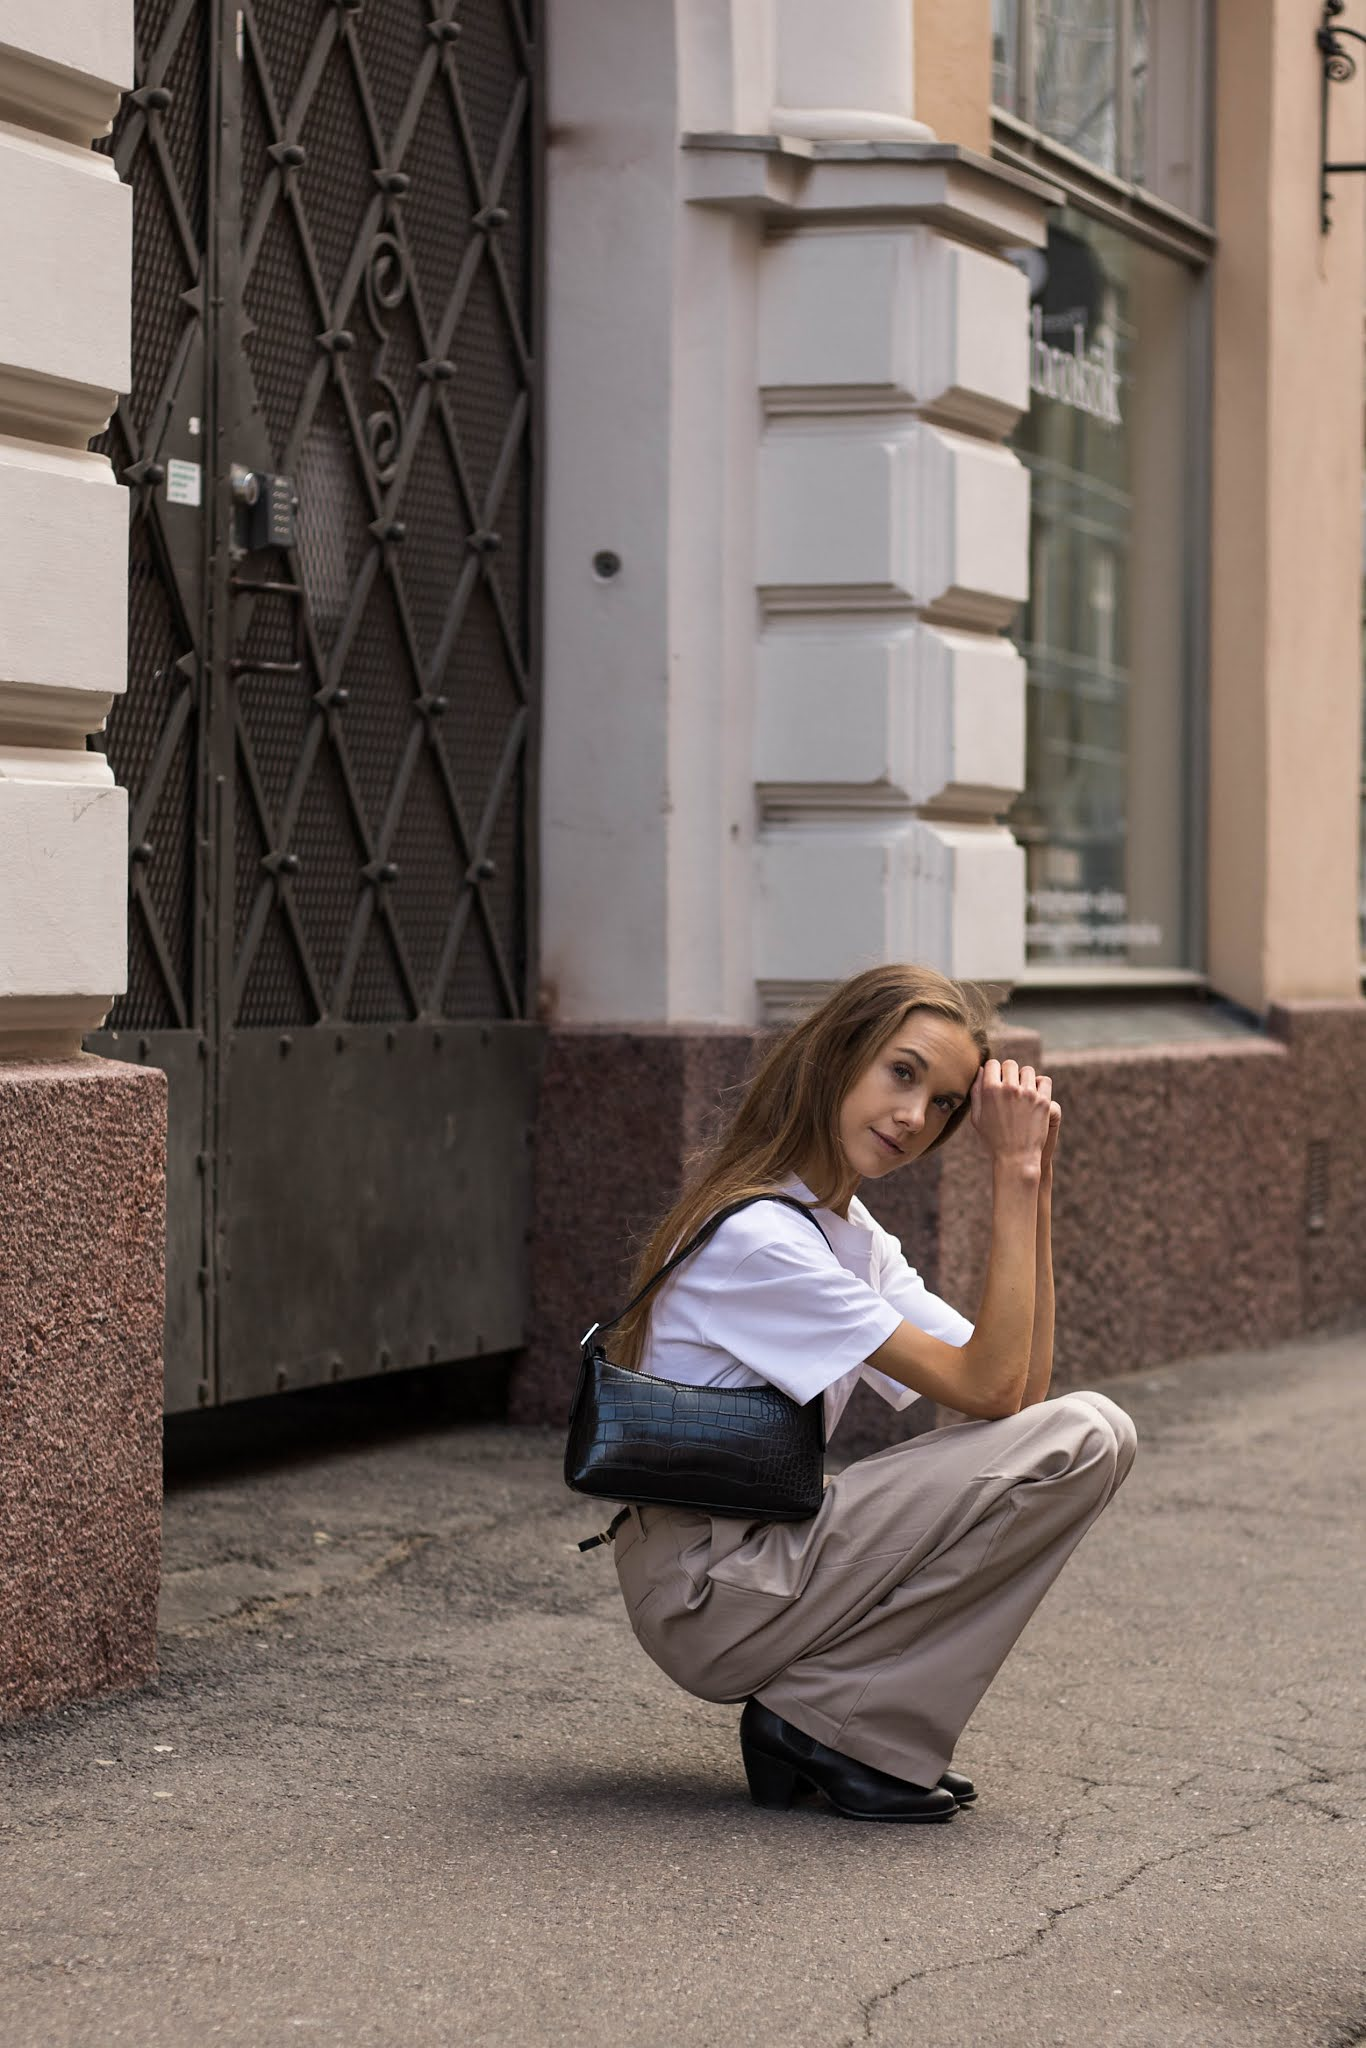 Vinkit kuinka välttää asukriisi // Tips on avoiding outfit crisis